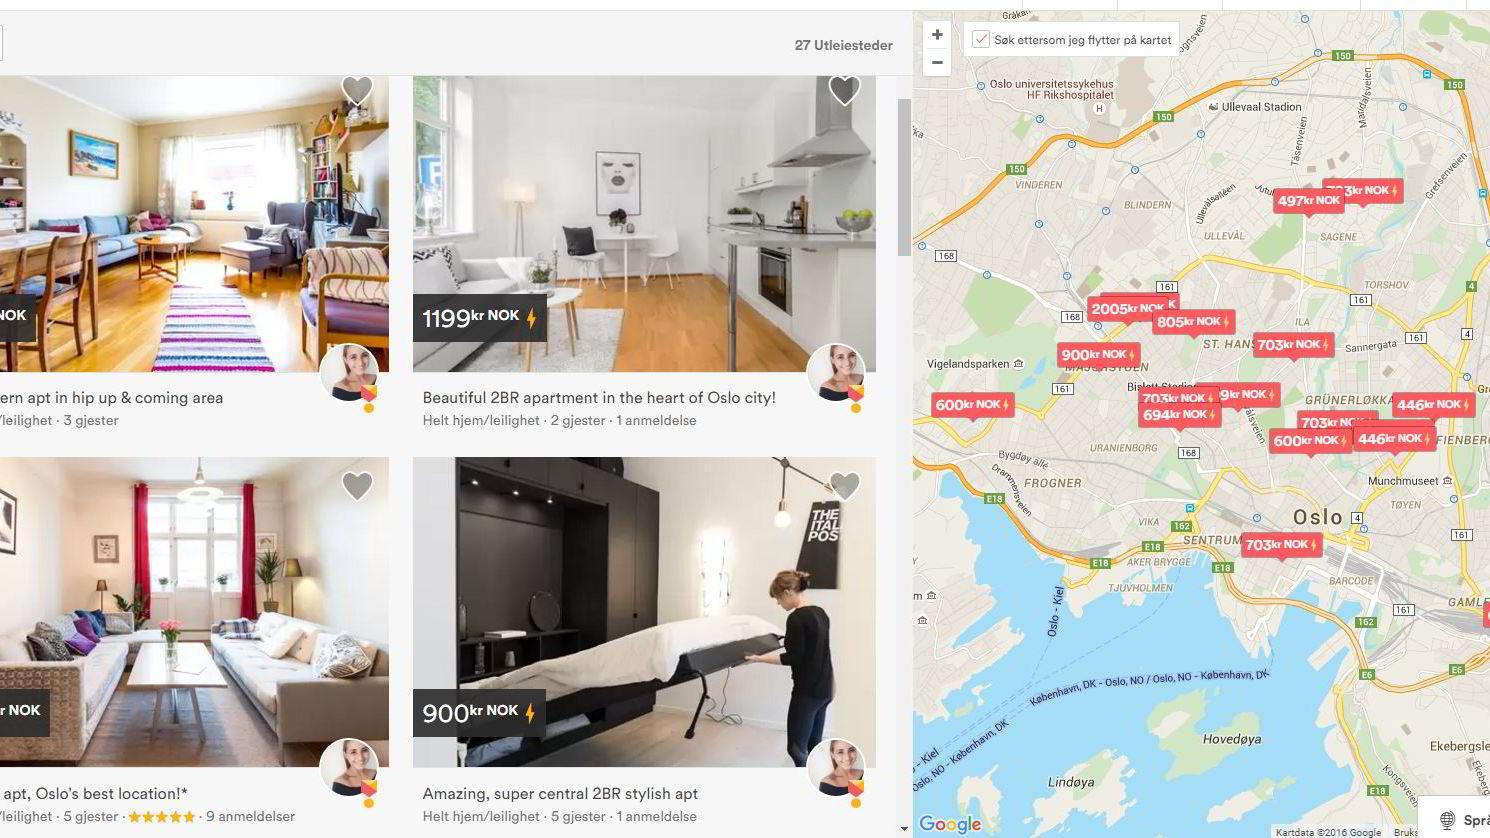 Nordmenn har leid ut bolig via Airbnb siden 2010. Airbnb melder om en årlig vekst i norske oppføringer på 129 prosent. Skjermdump: Airbnb.